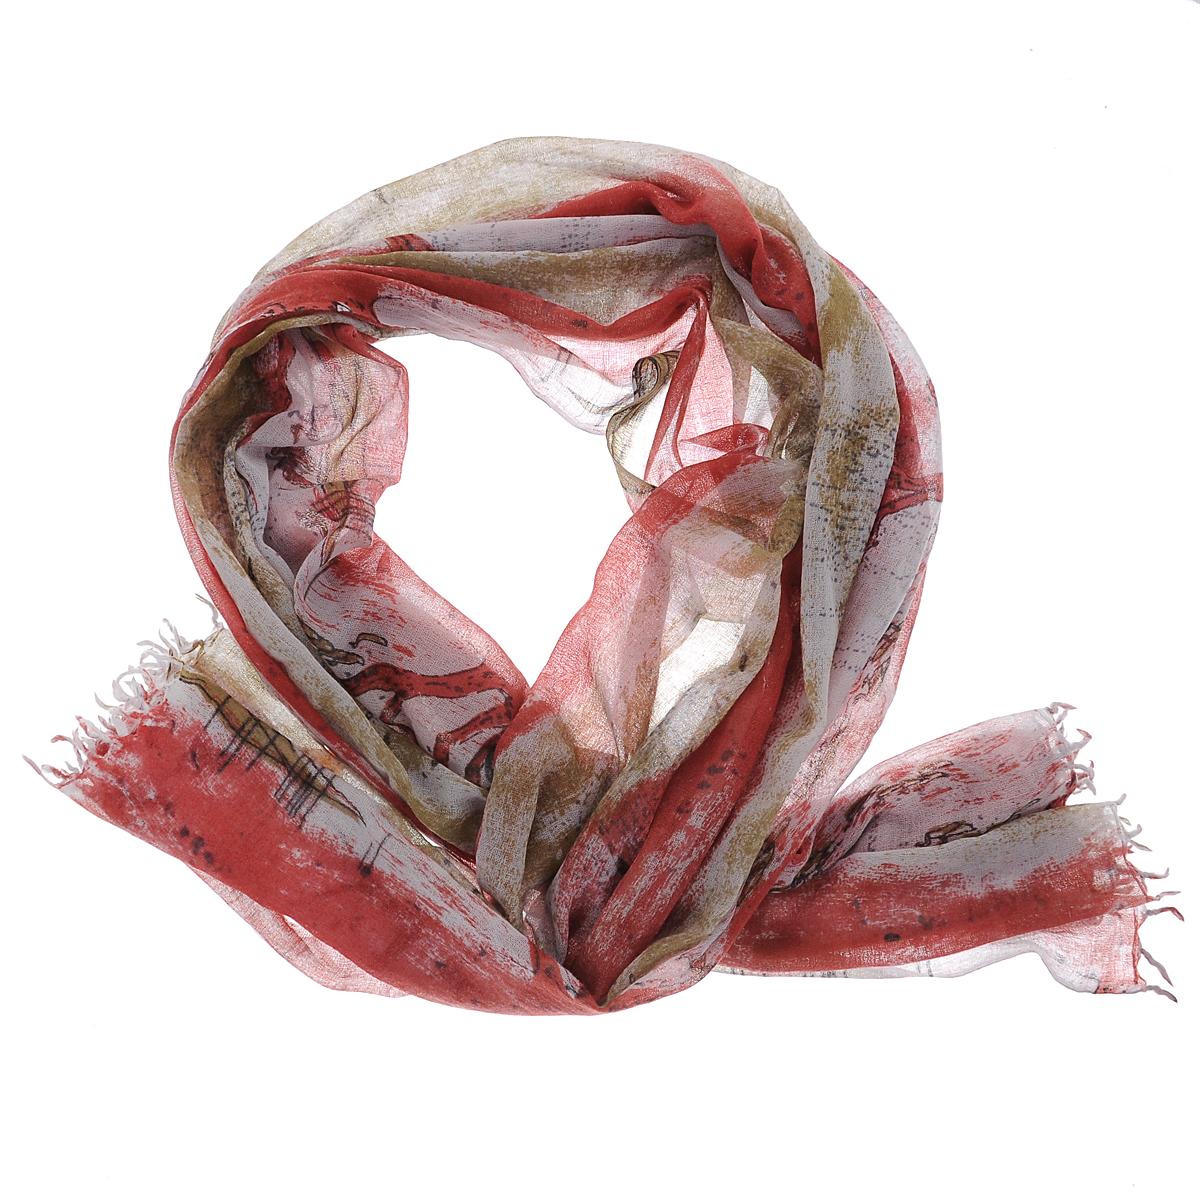 ПалантинW-BIRDONRIVER/GRСтильный палантин Michel Katana согреет в холодное время года, а также станет изысканным аксессуаром, который призван подчеркнуть вашу индивидуальность и стиль. Палантин выполнен из шерсти и декорирован орнаментом. По краям изделие оформлено кисточками.